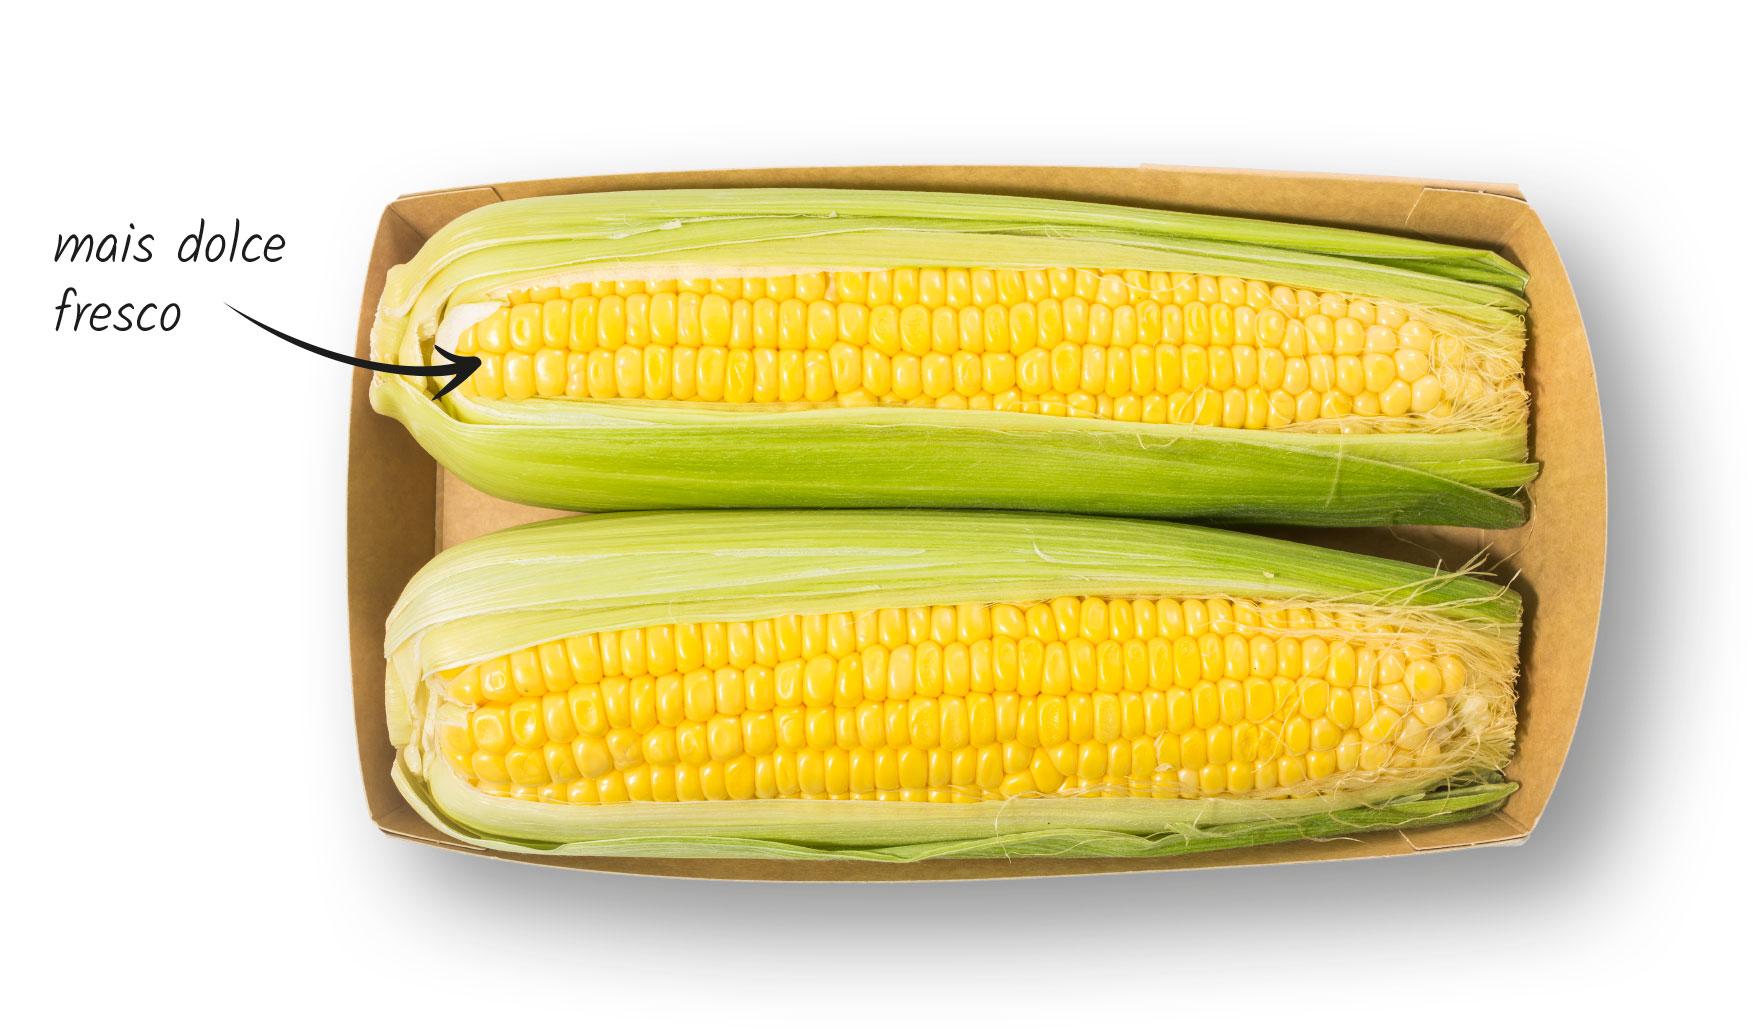 azienda-agricola-cappelletto-fresco-mais-contenuto